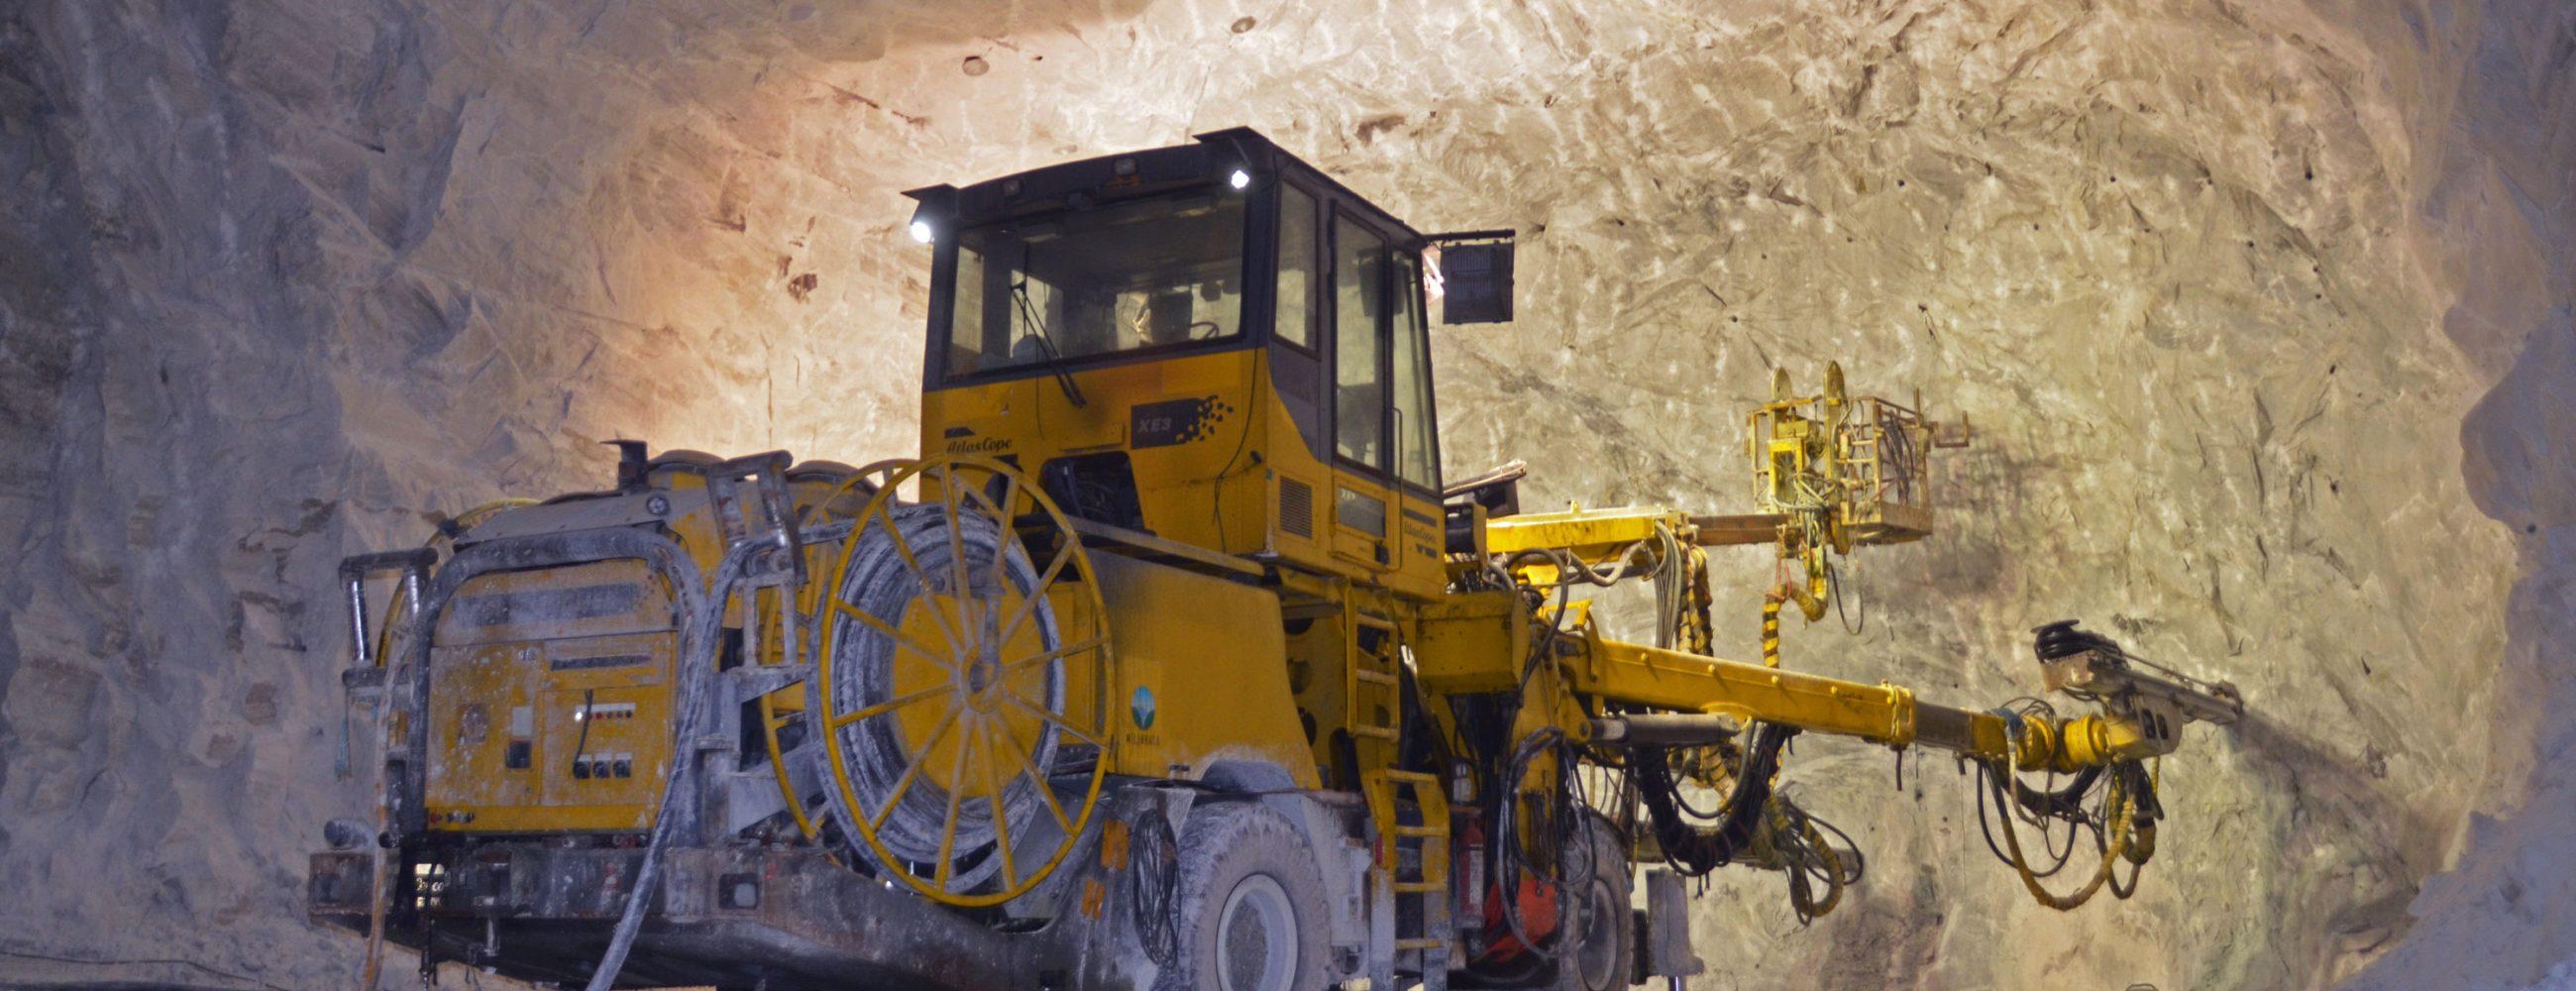 Bildet viser en stor borremaskin inni en gruve, som borrer seg innover i fjellet.